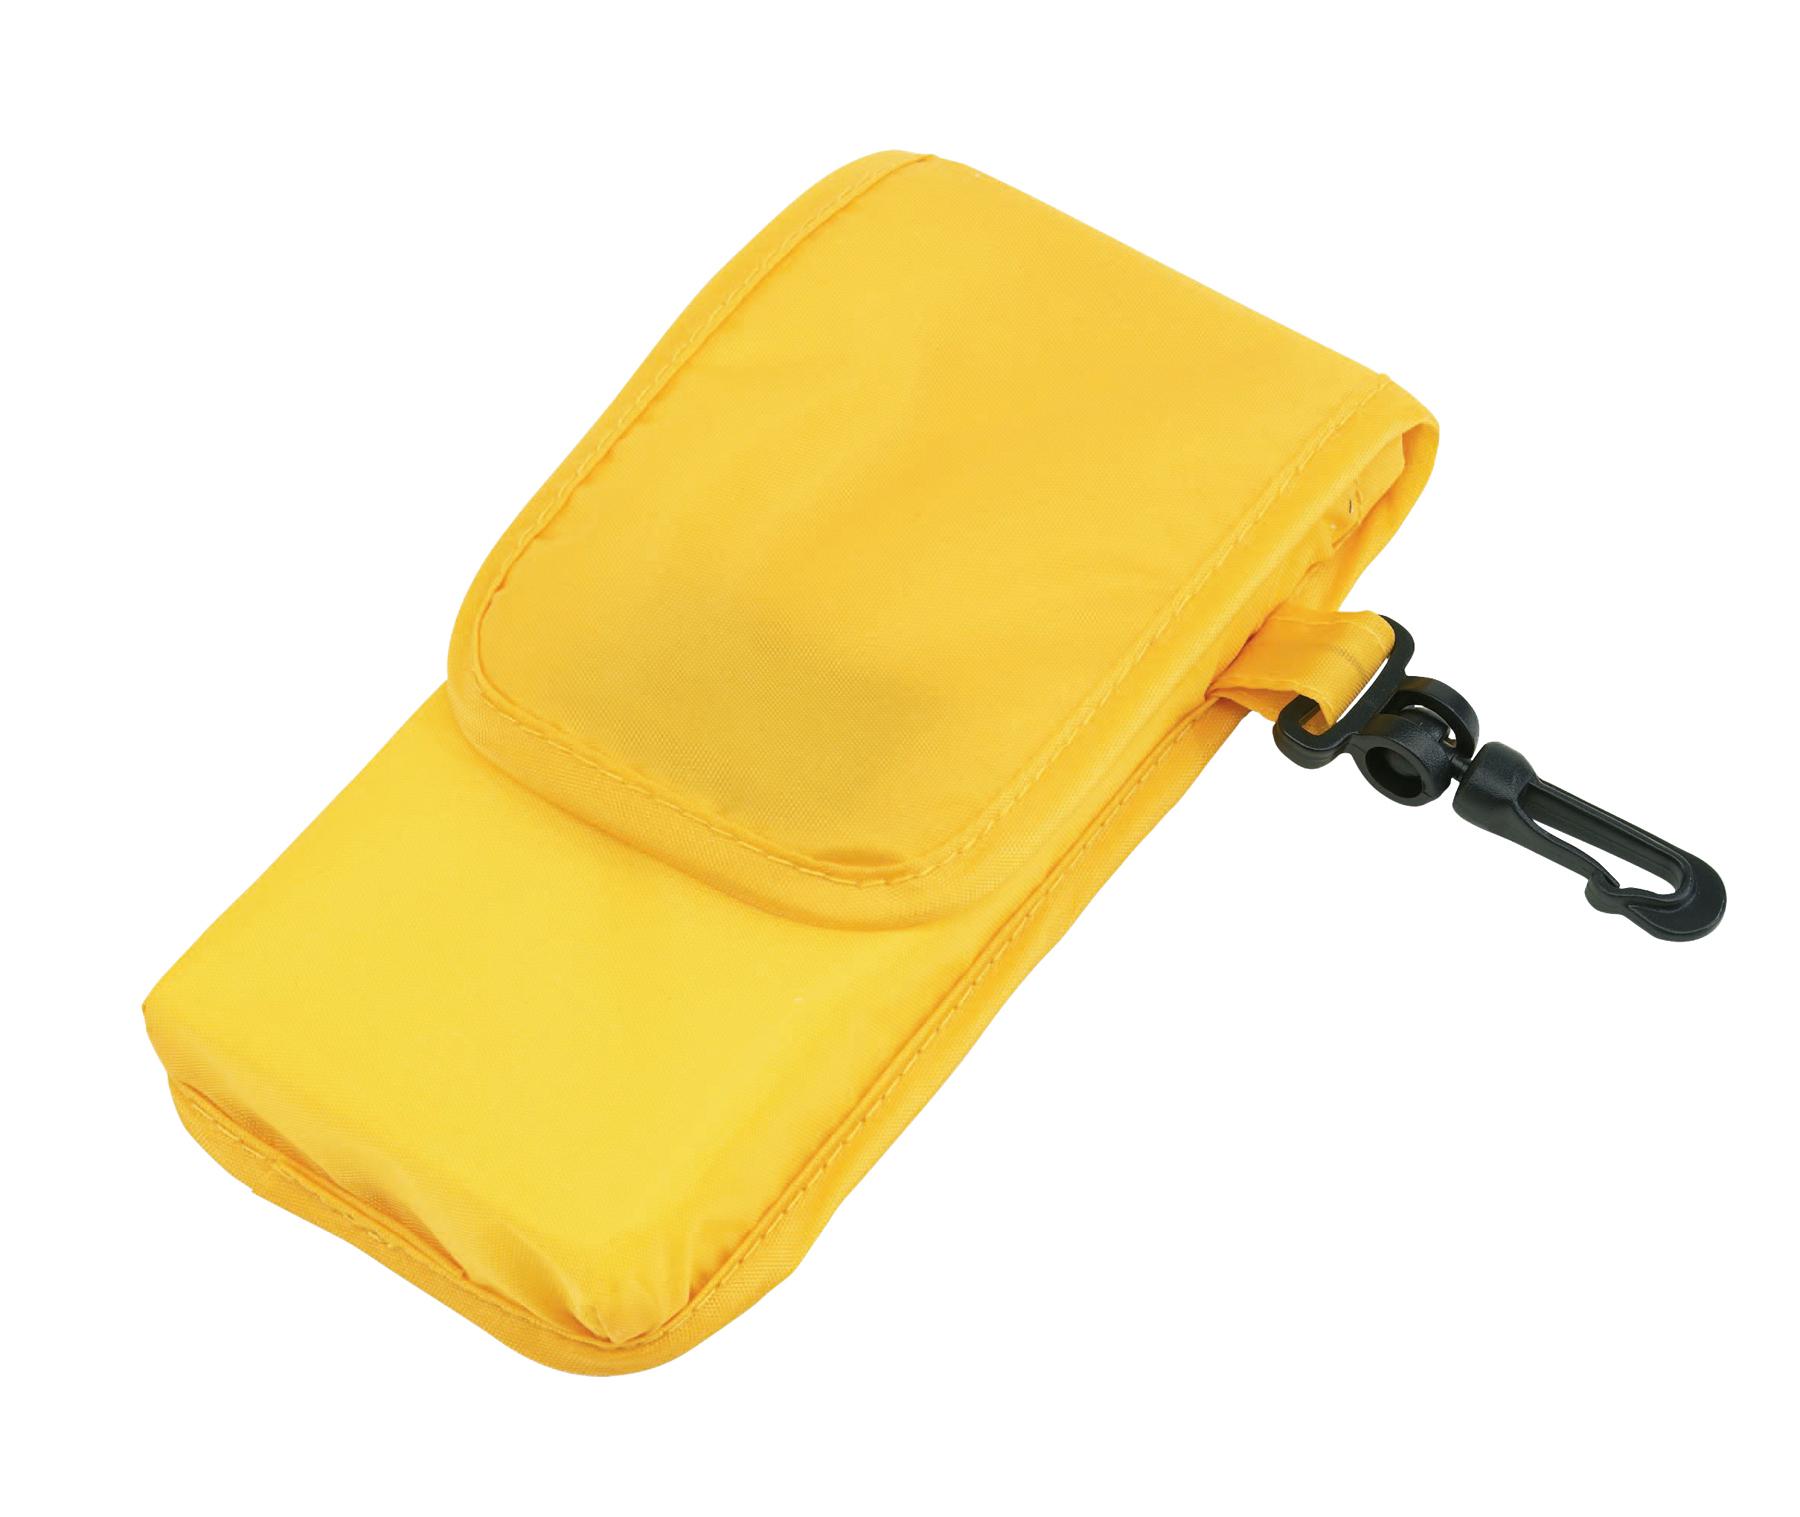 Torba na zakupy SHOPPY, żółty